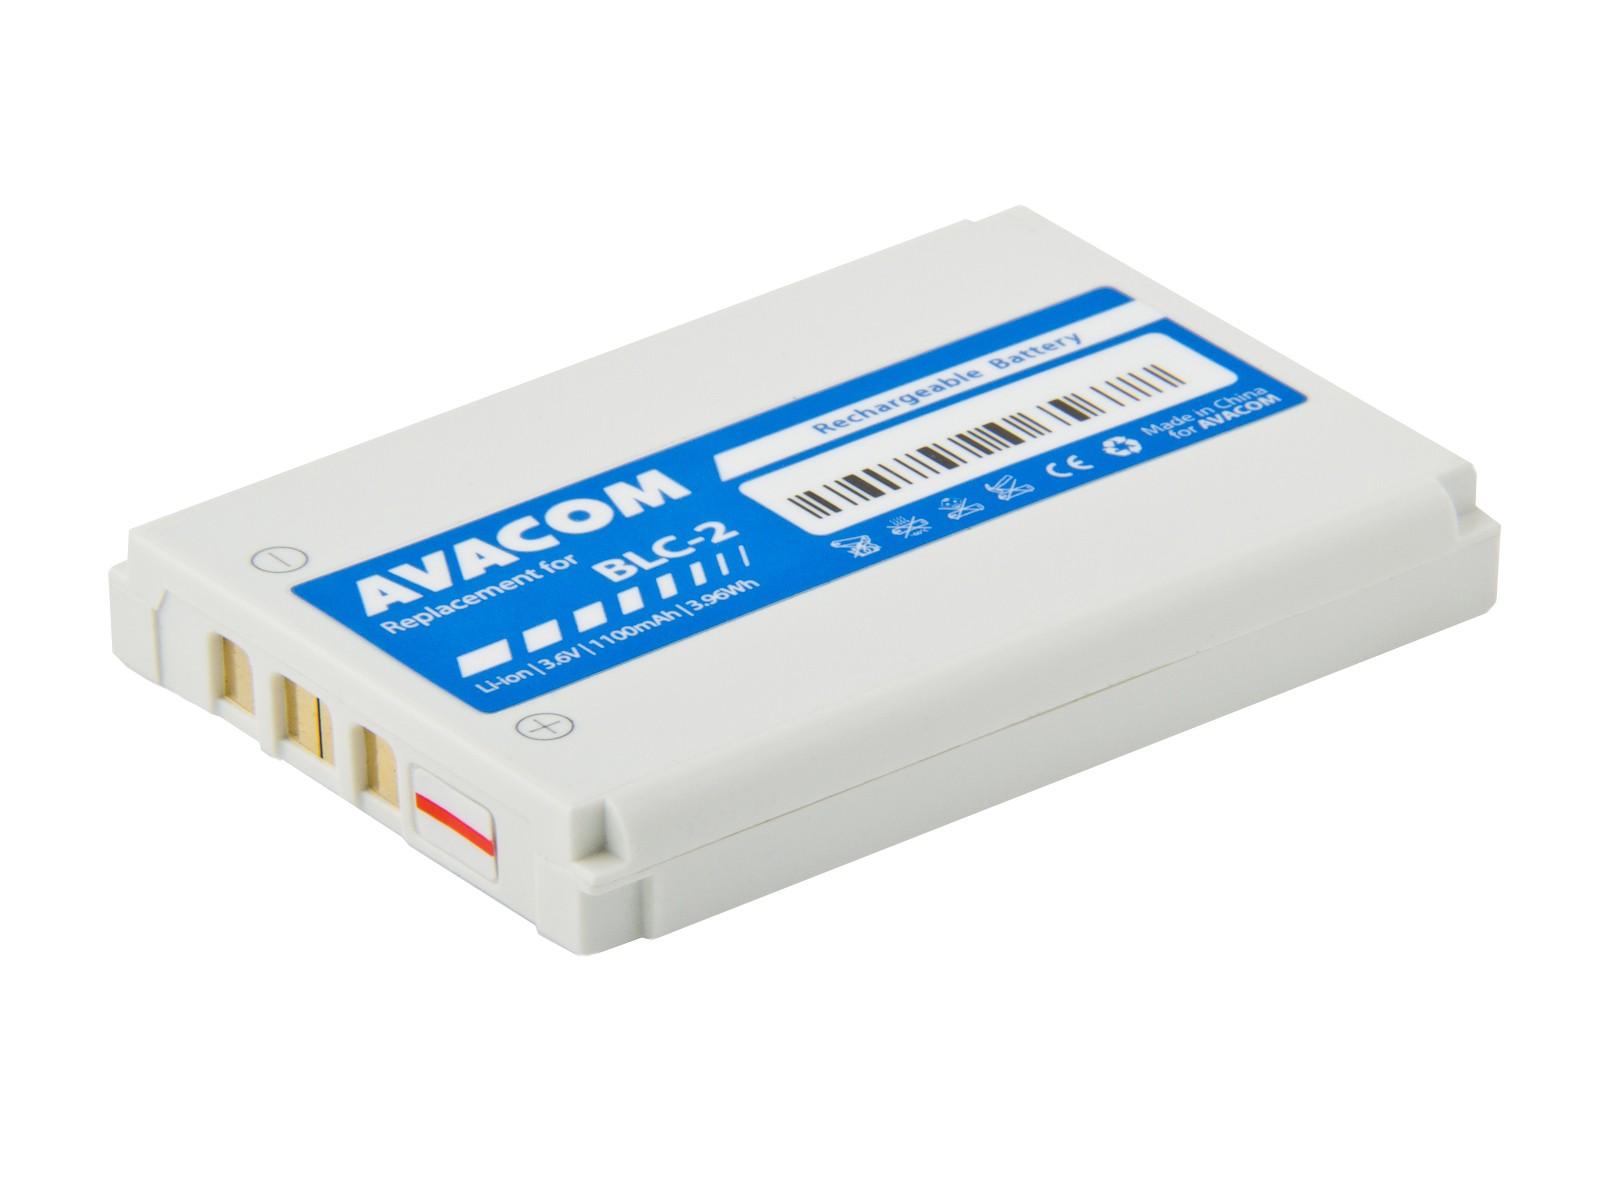 Baterie AVACOM GSNO-BLC2-1100A do mobilu Nokia 3410, 3310 ,3510 Li-Ion 3,6V 1100mAh (náhrada BLC-2)